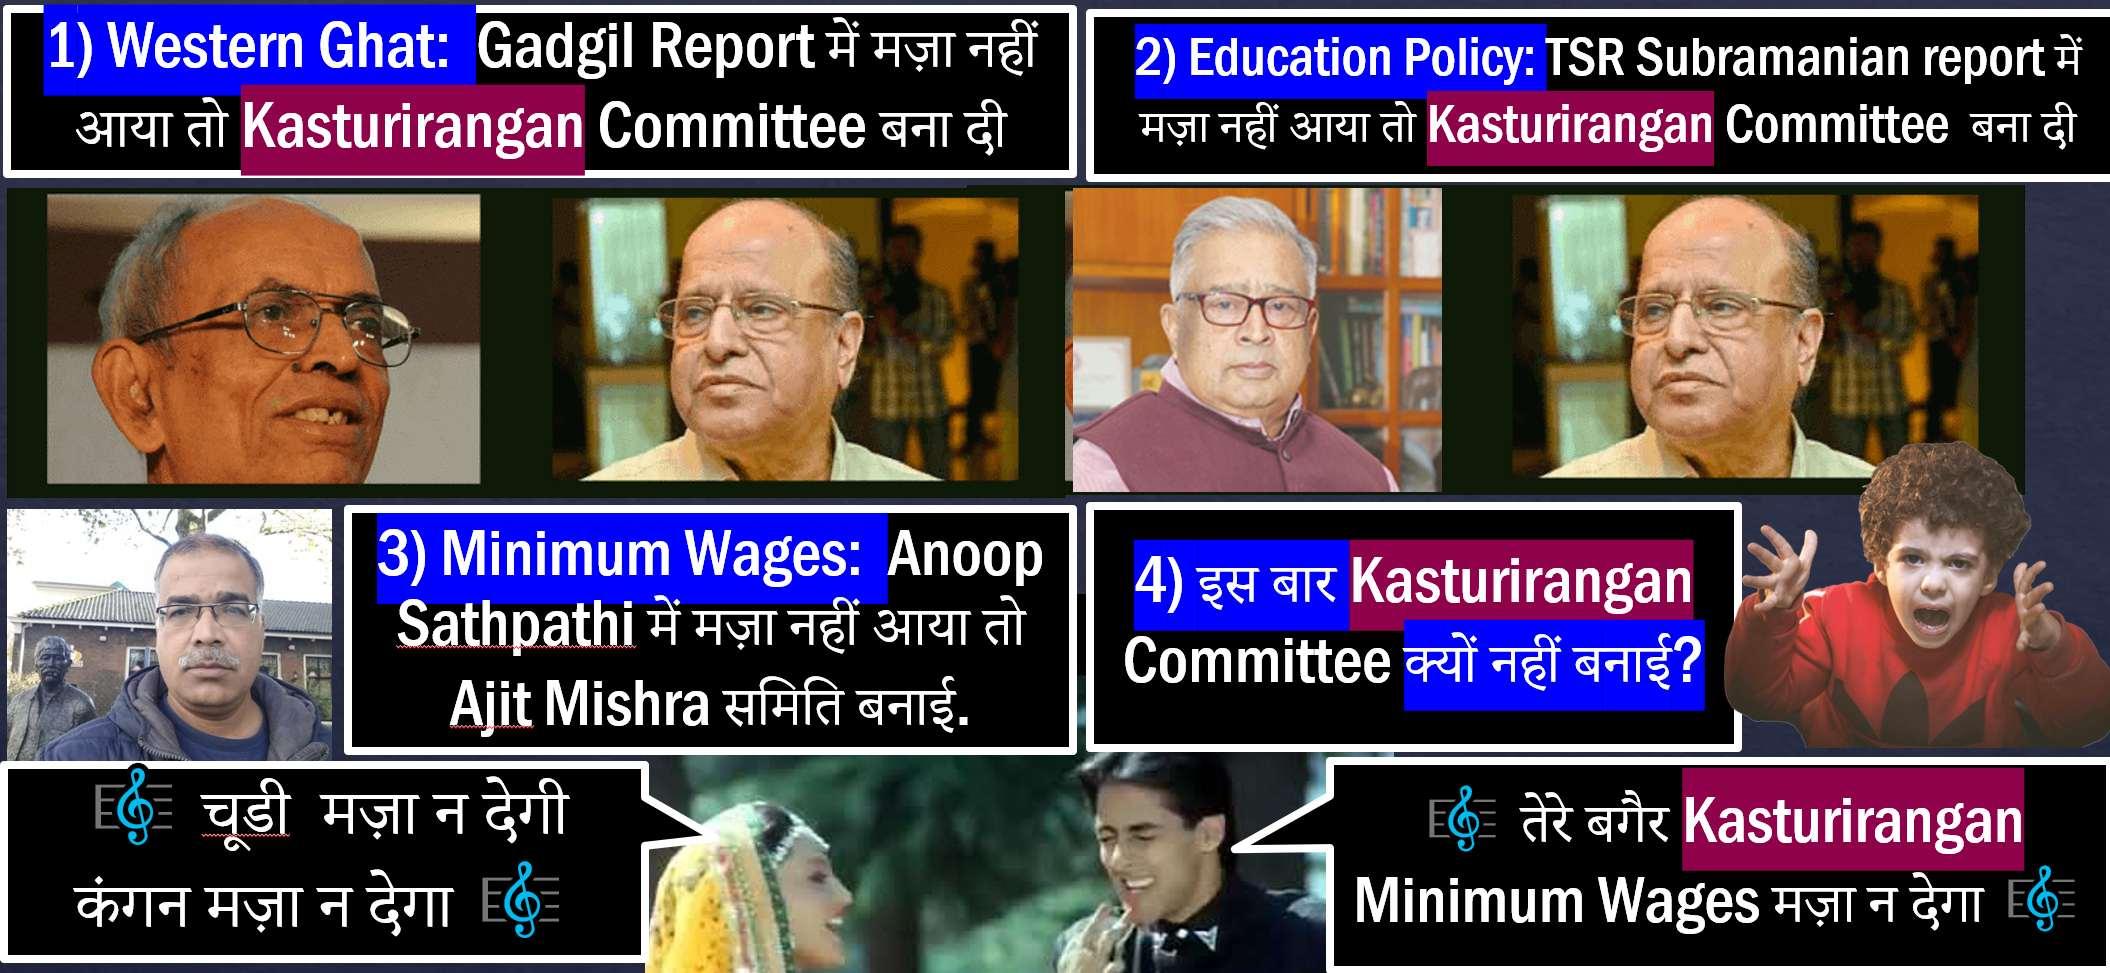 Anoop Satpathy Committee